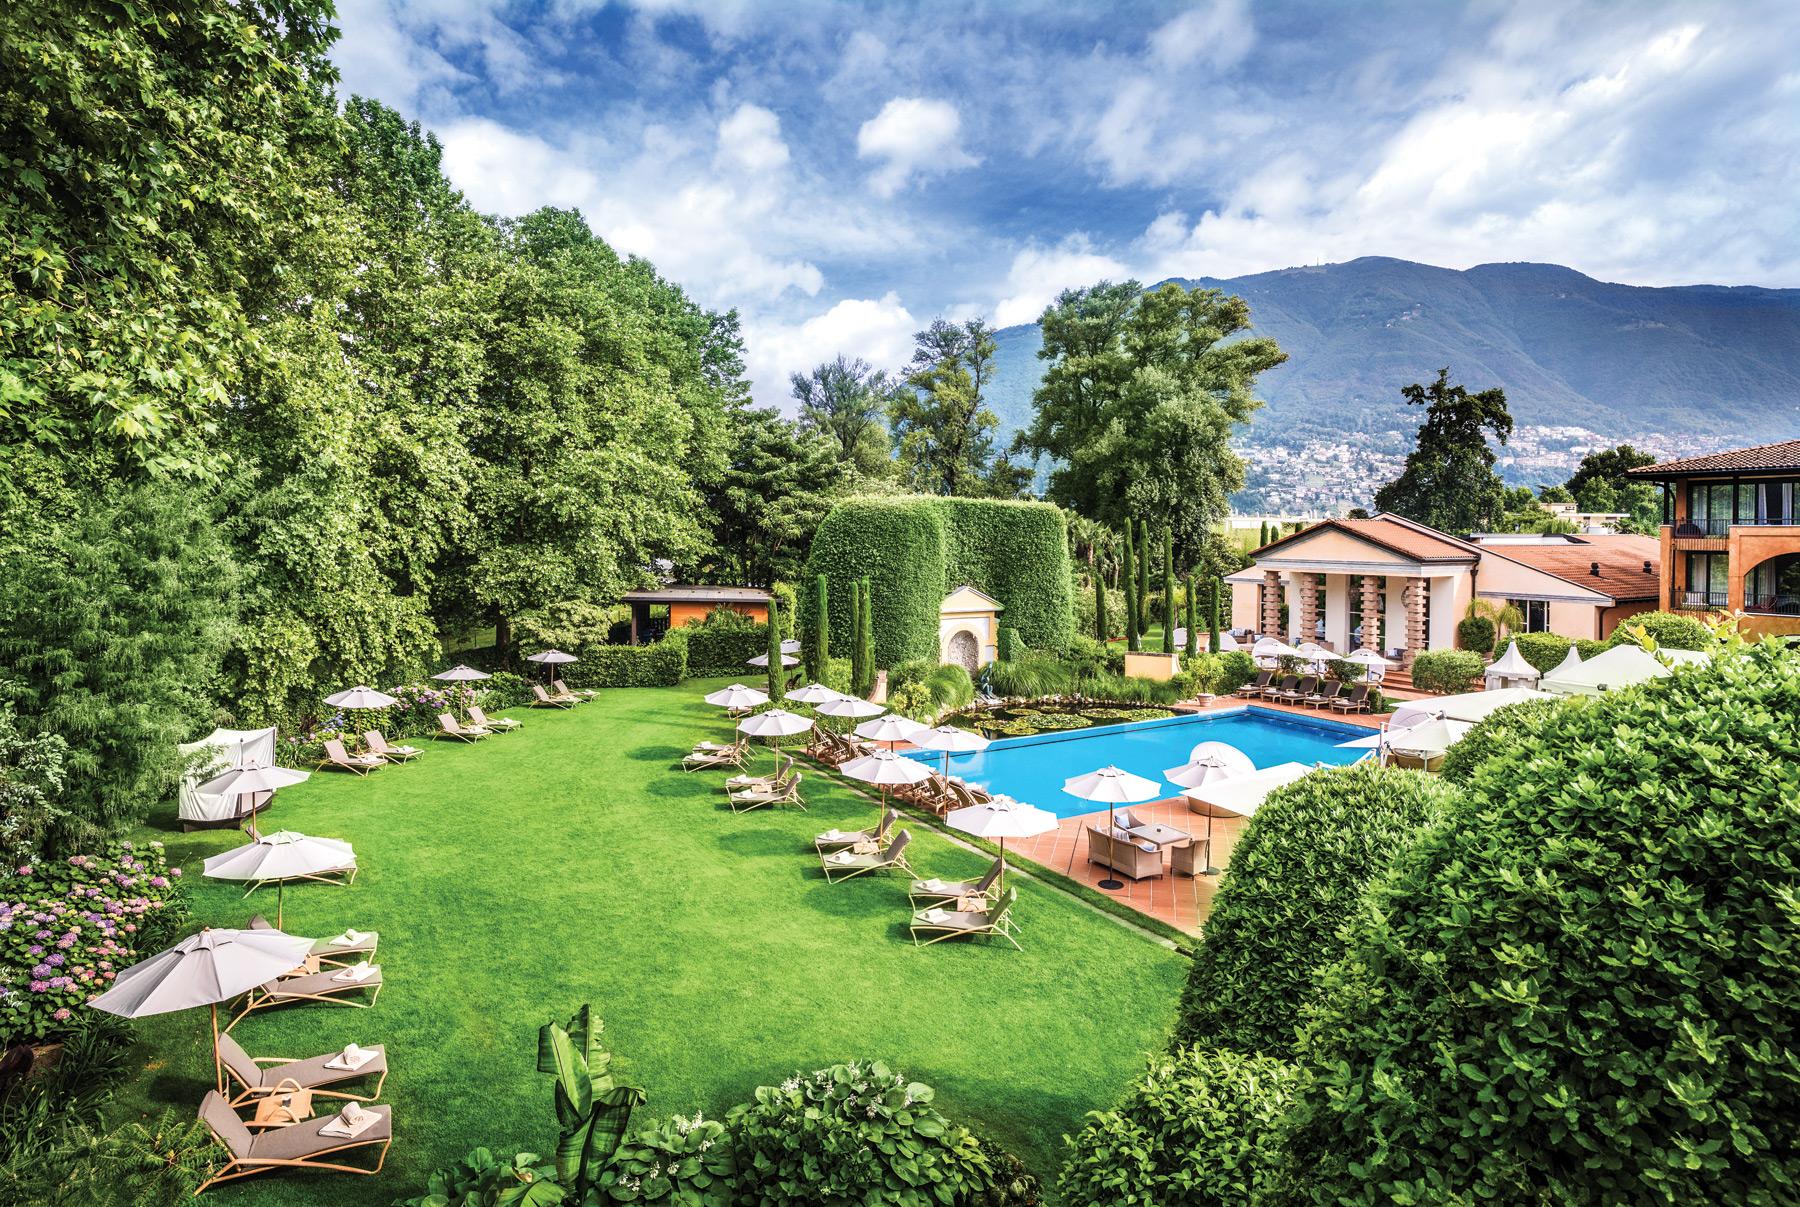 Giardino Ascona, located along Lake Maggiore in Switzerland.